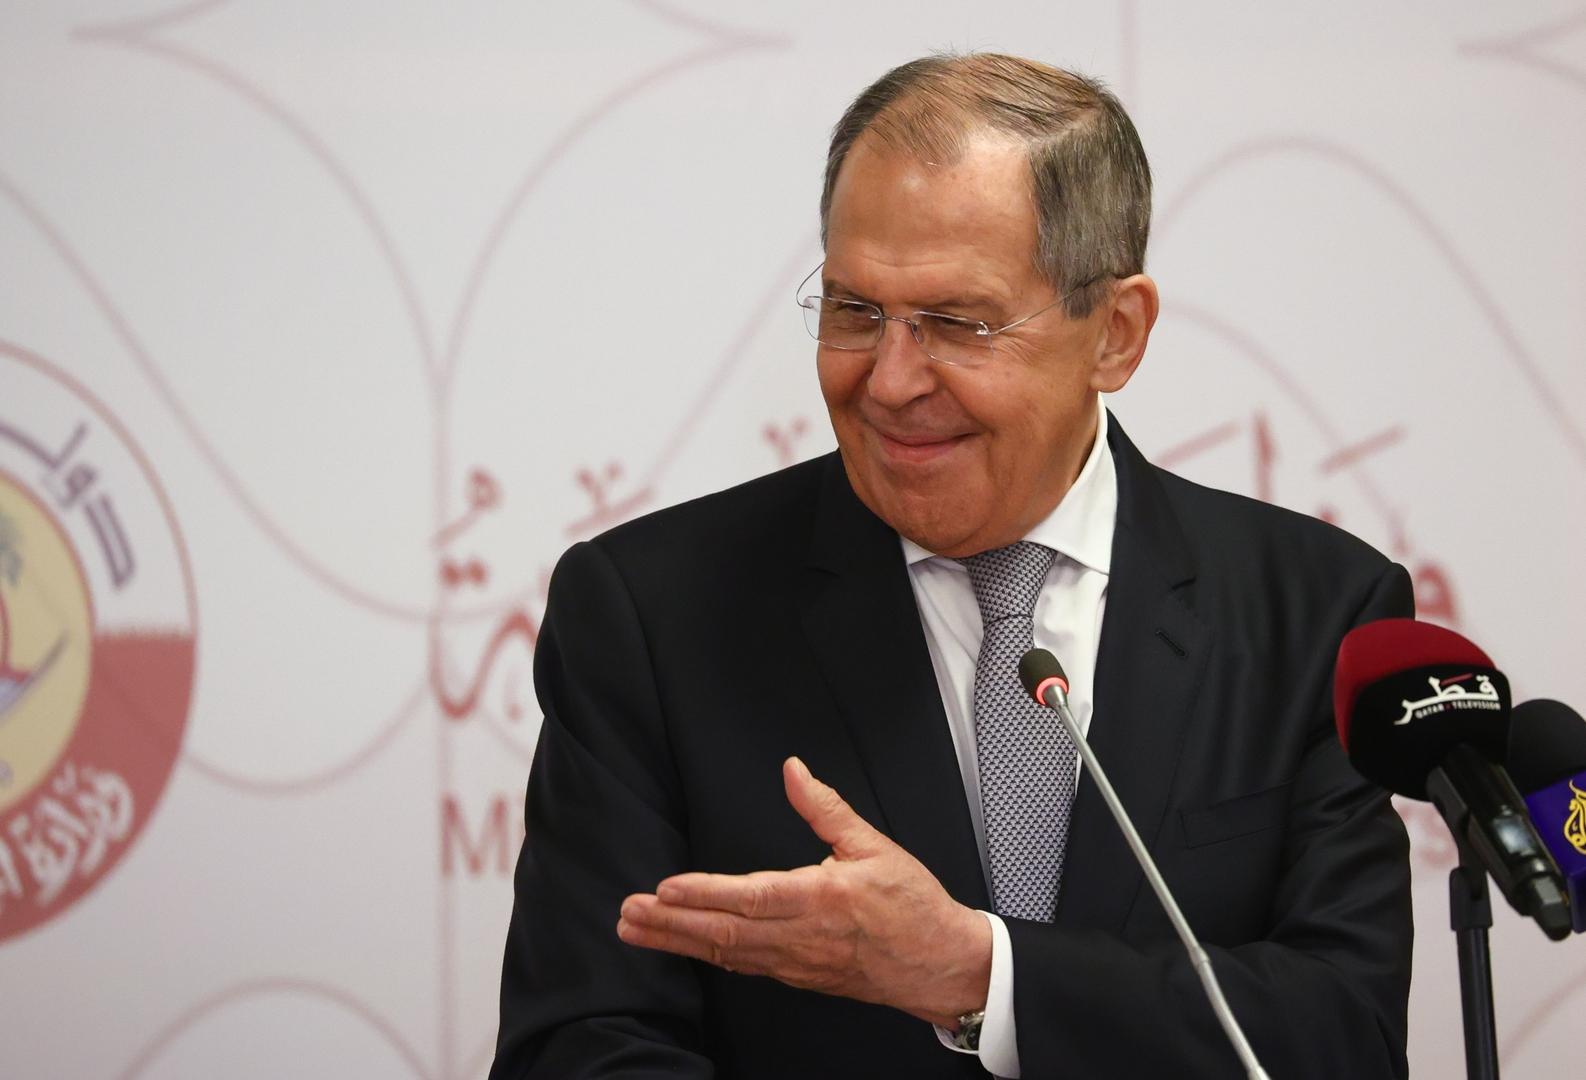 تشاووش أوغلو: اجتماعاتنا مع روسيا وقطر متممة لمسارات الحل في سوريا